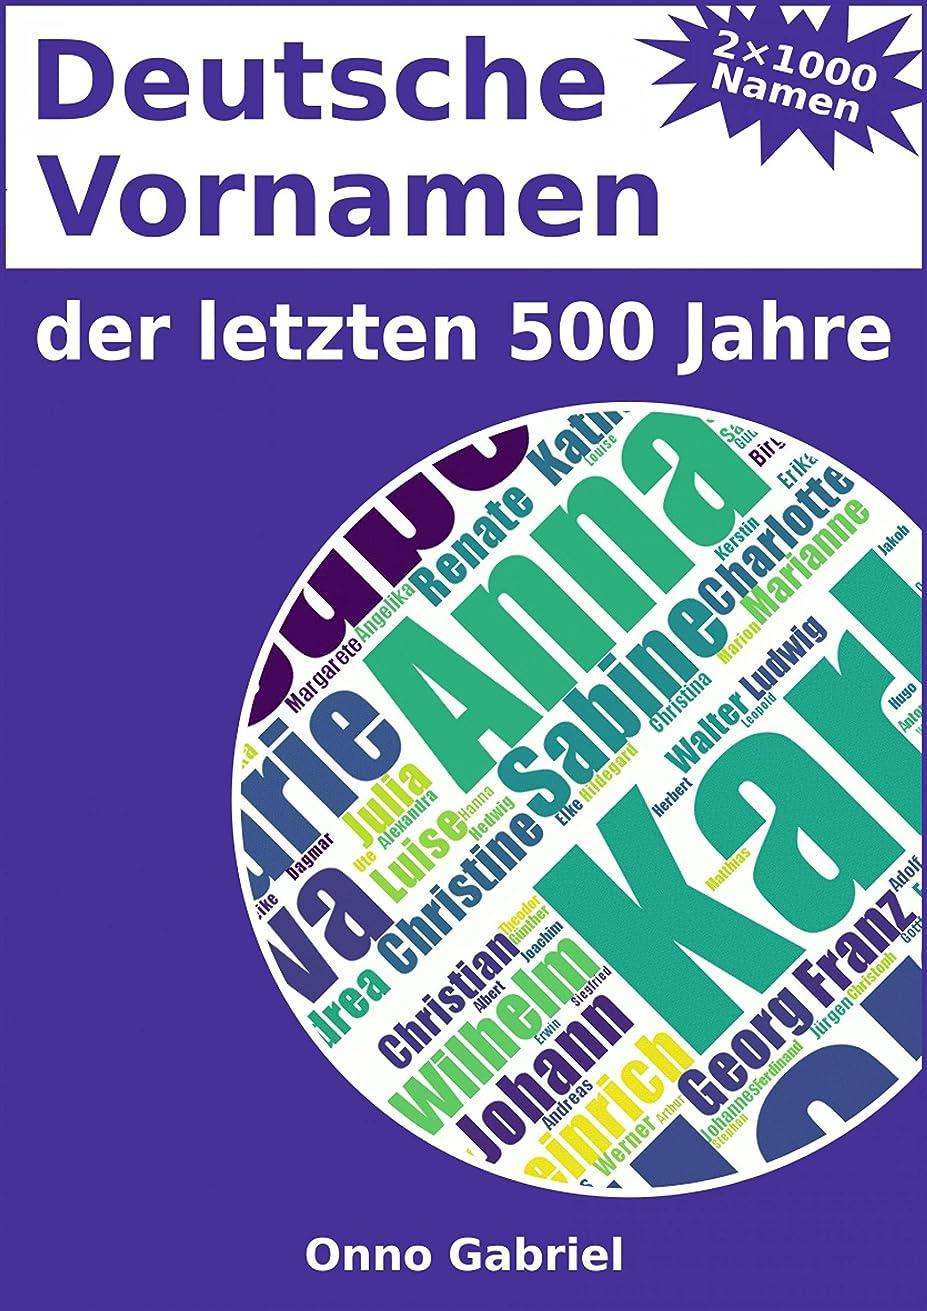 シネマ永遠の溶かすDeutsche Vornamen der letzten 500 Jahre: Ein Kompendium zu 2000 M?dchen- und Jungennamen aus dem deutschsprachigen Raum (German Edition)